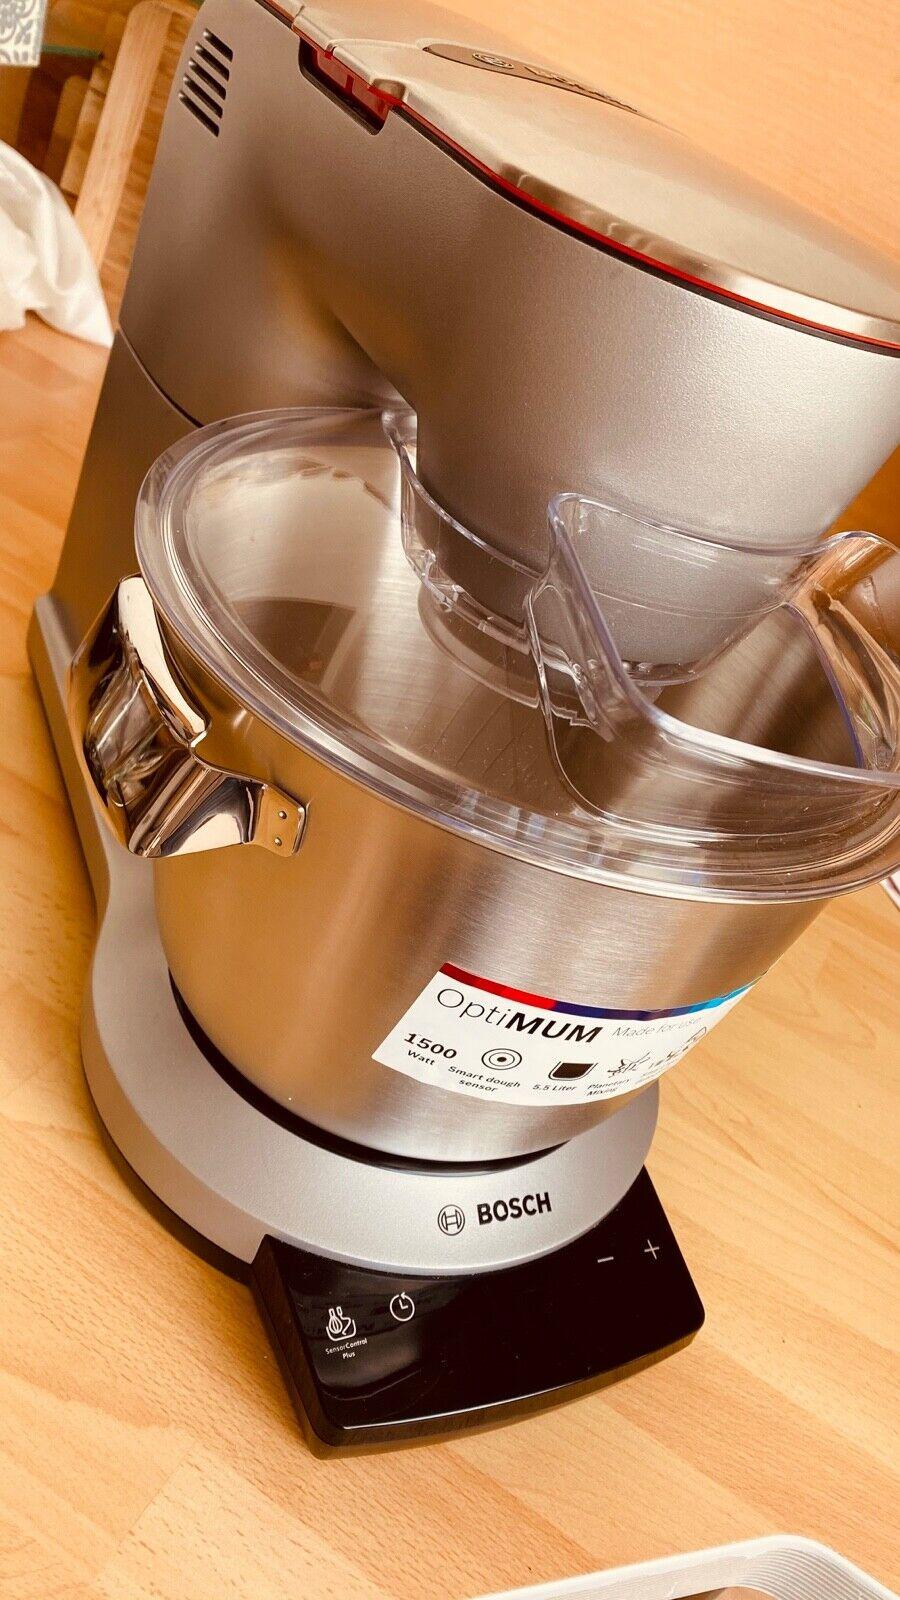 Bosch Optimum Küchenmaschine mit Zubehör & Veggie Love Set